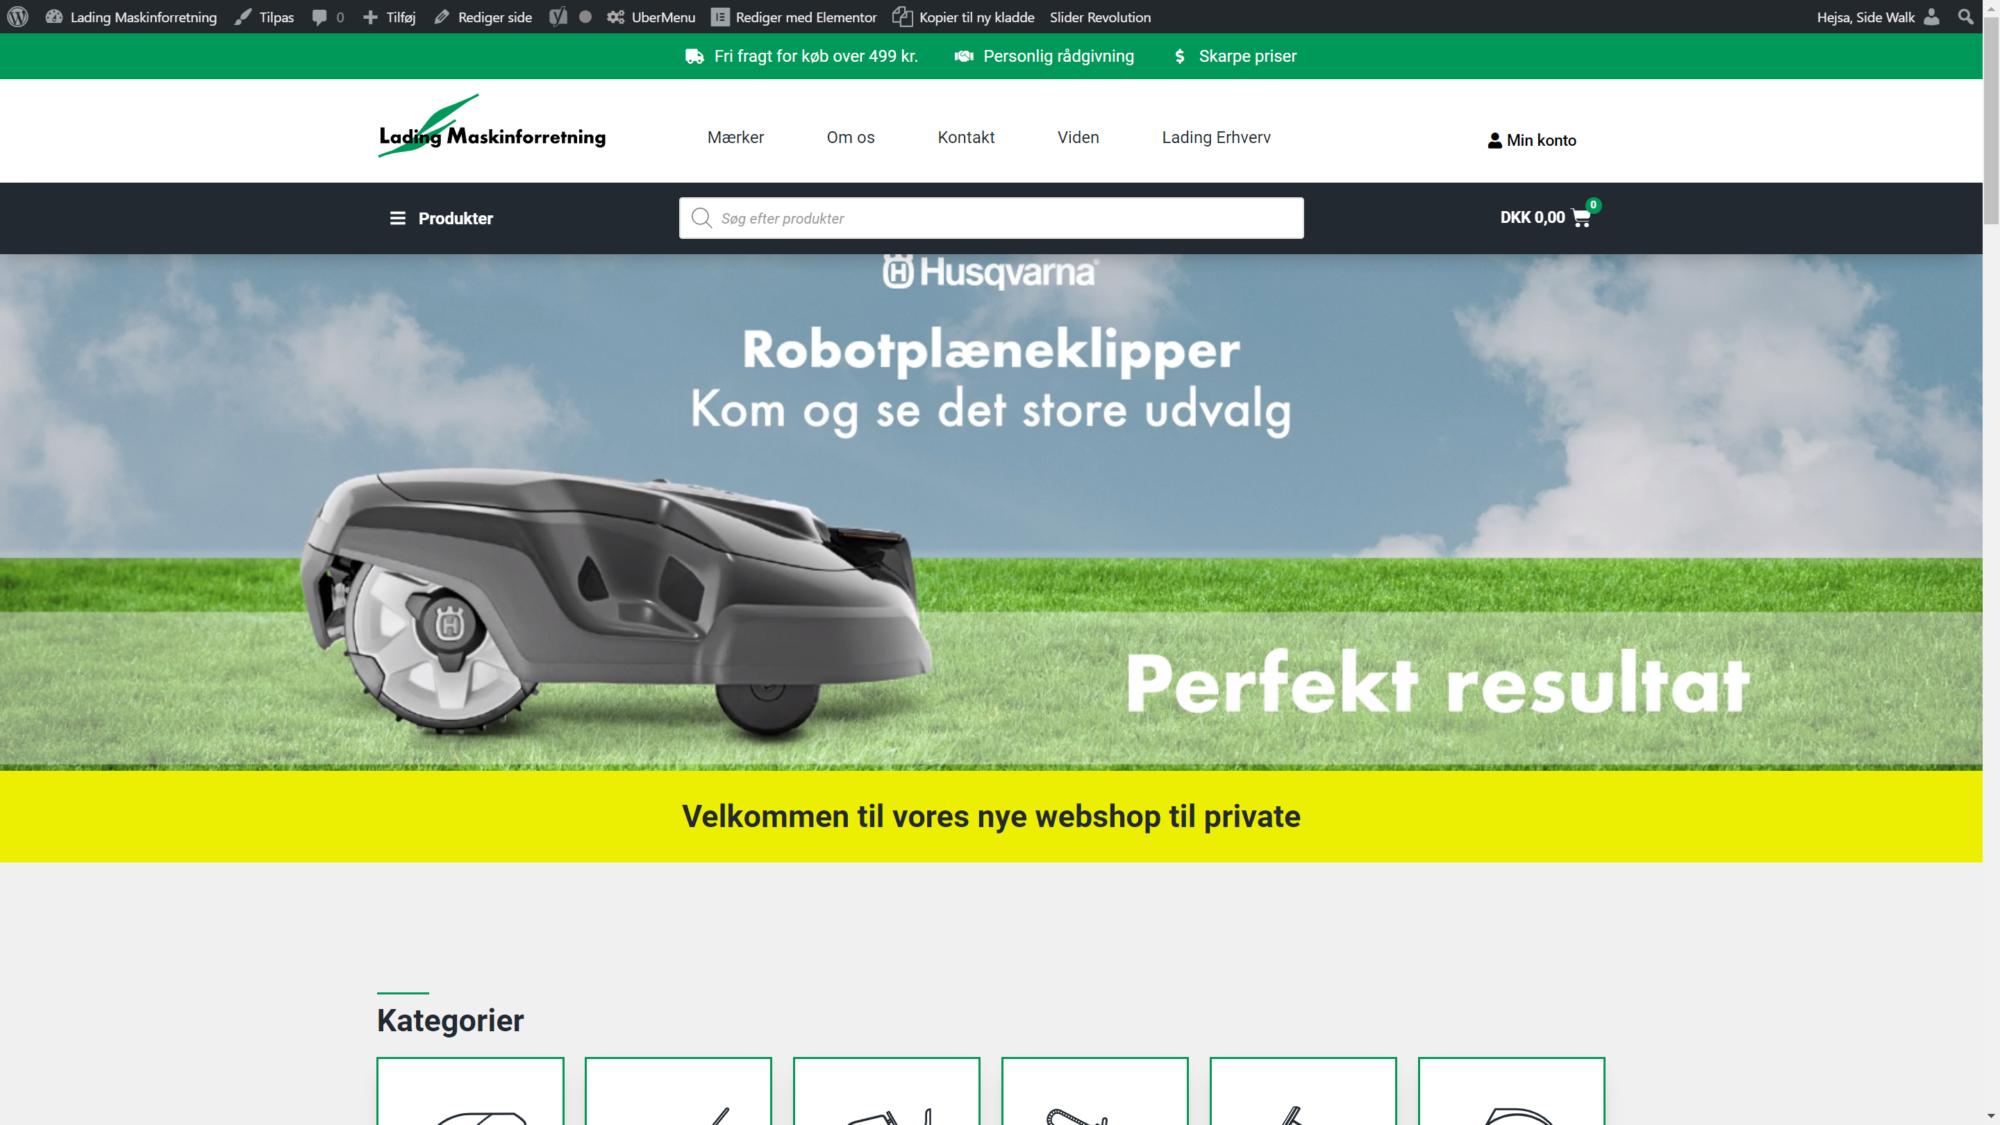 SideWalk_Lading_Maskinforretning_webshop